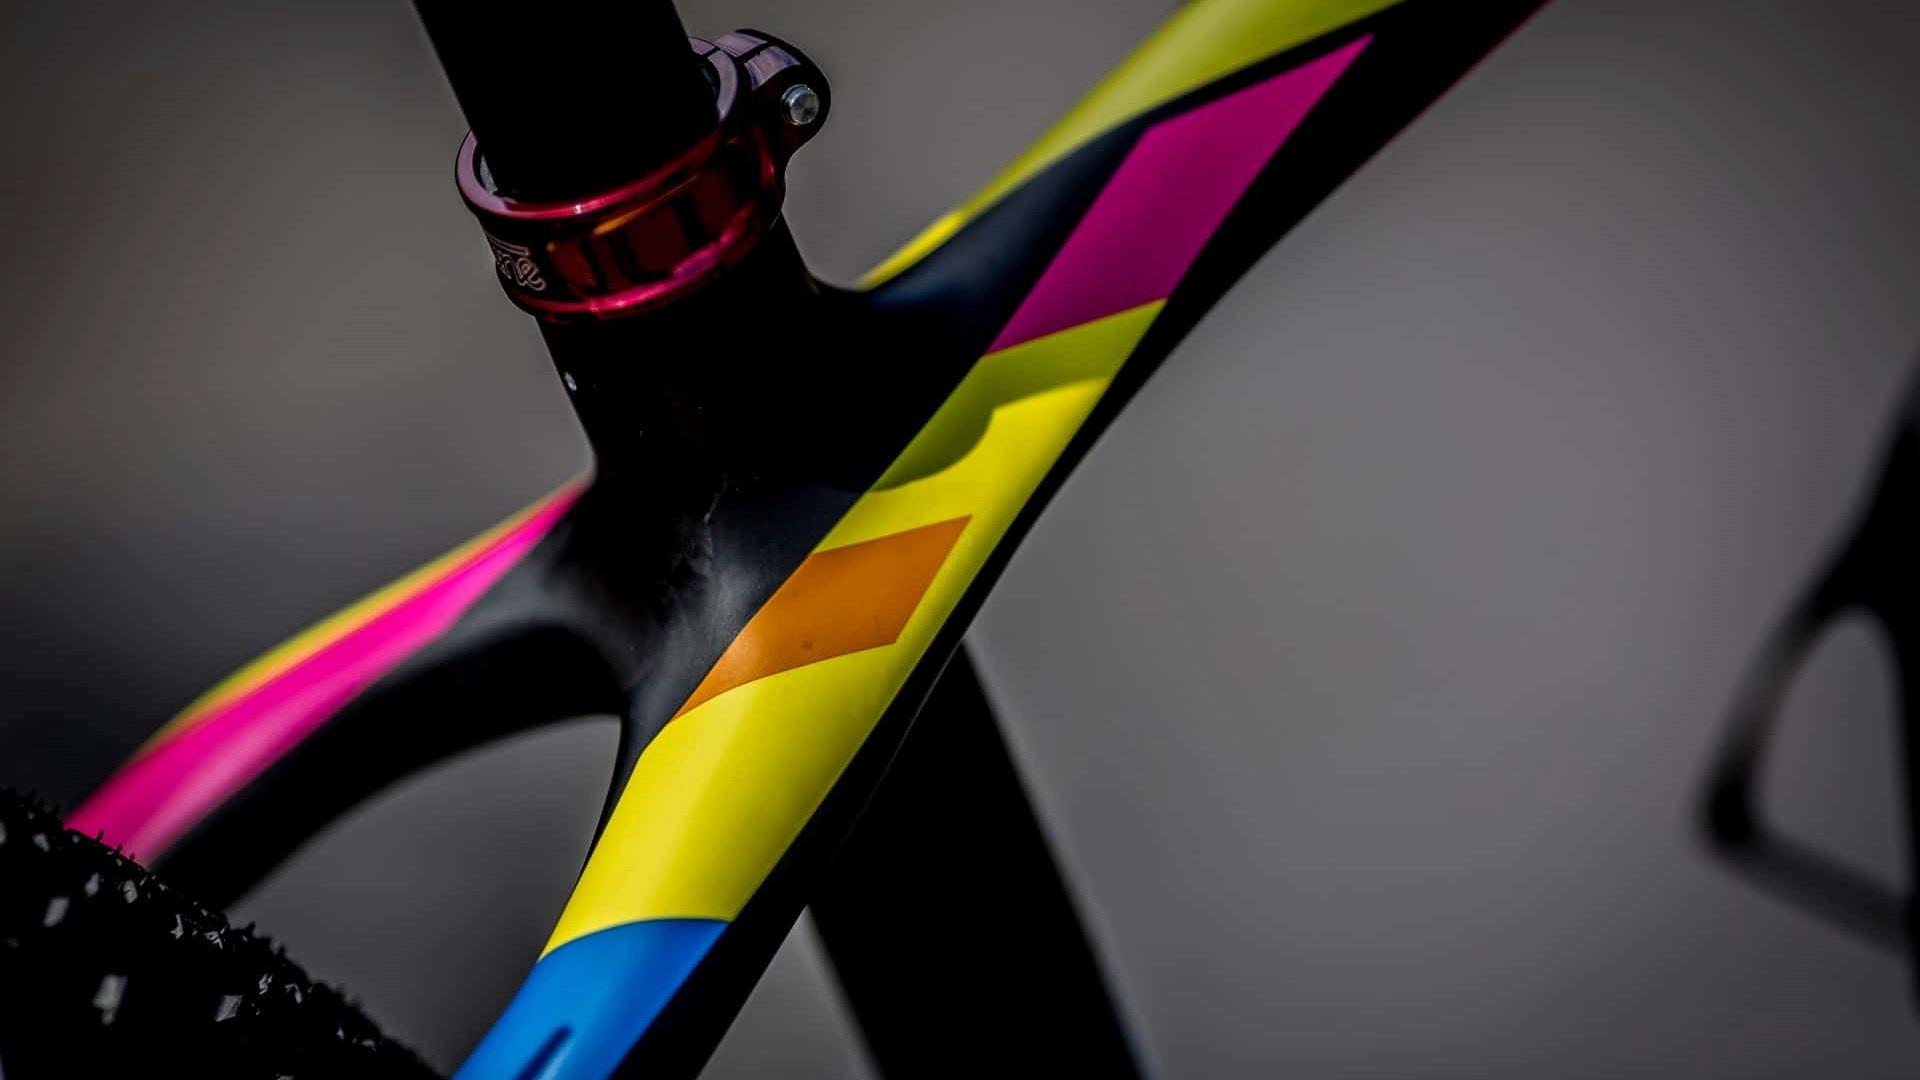 rama karbonowa pomalowana na kilka kolorów